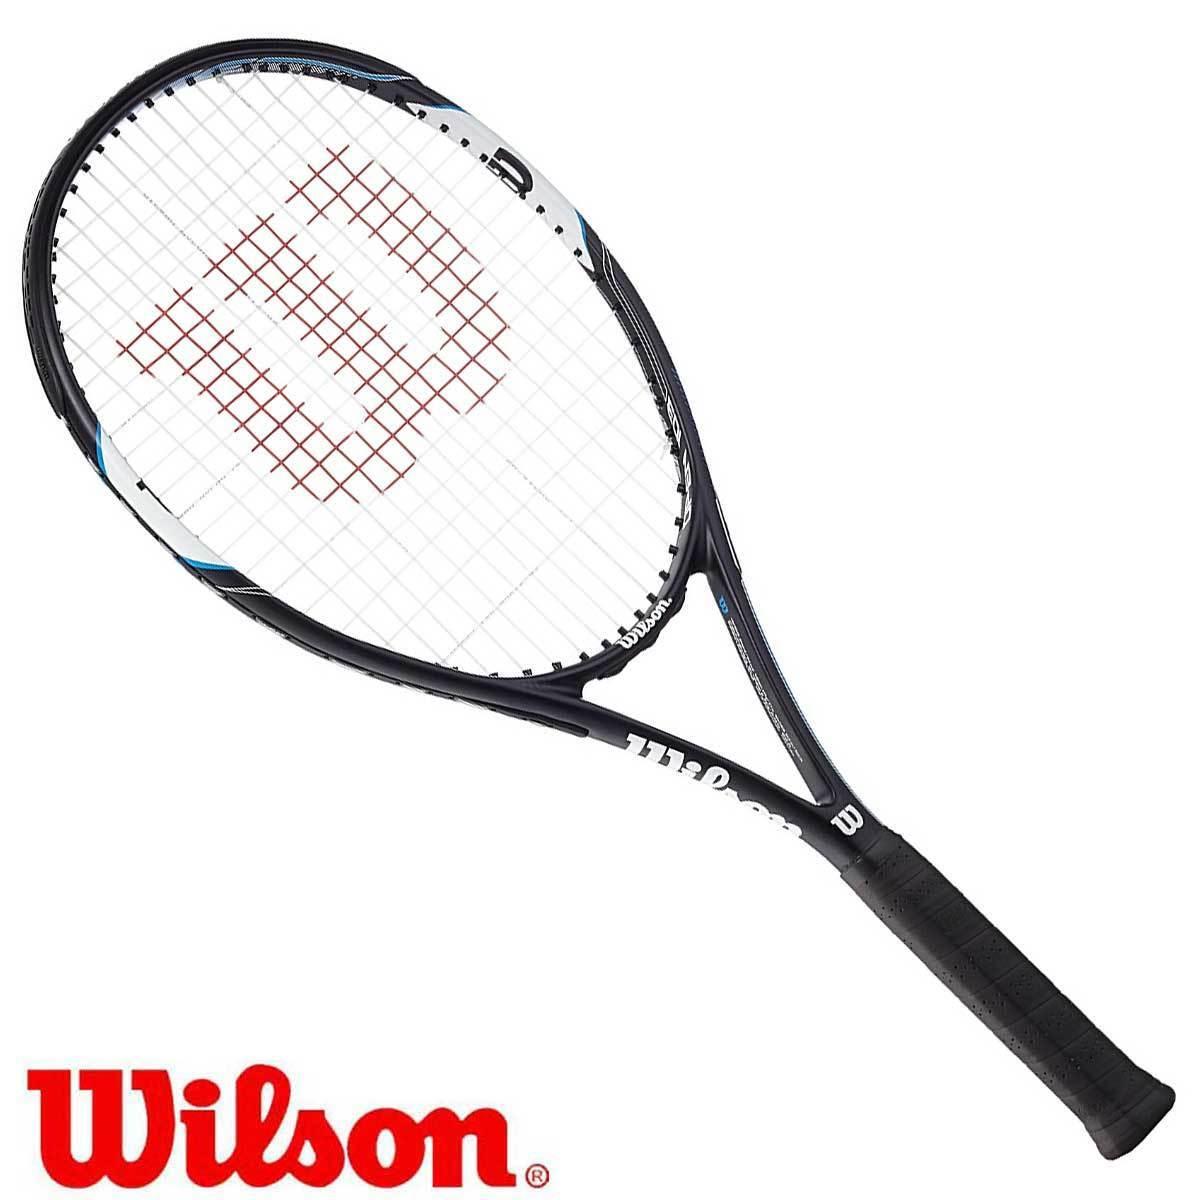 Wilson SURGE OPEN 103 - Tennisschläger besaitet - Sonderpreis - Modell 2016     | Konzentrieren Sie sich auf das Babyleben  | Feine Verarbeitung  | Konzentrieren Sie sich auf das Babyleben